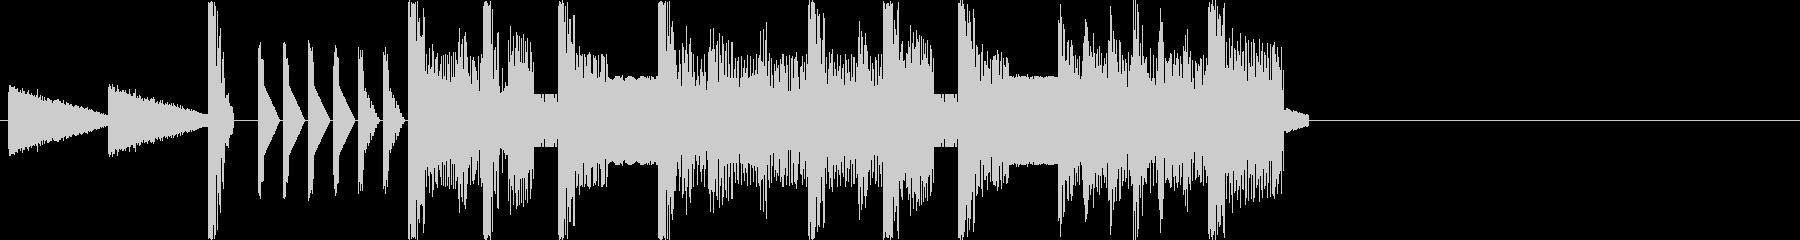 本格的ファミコン クールなジングルの未再生の波形